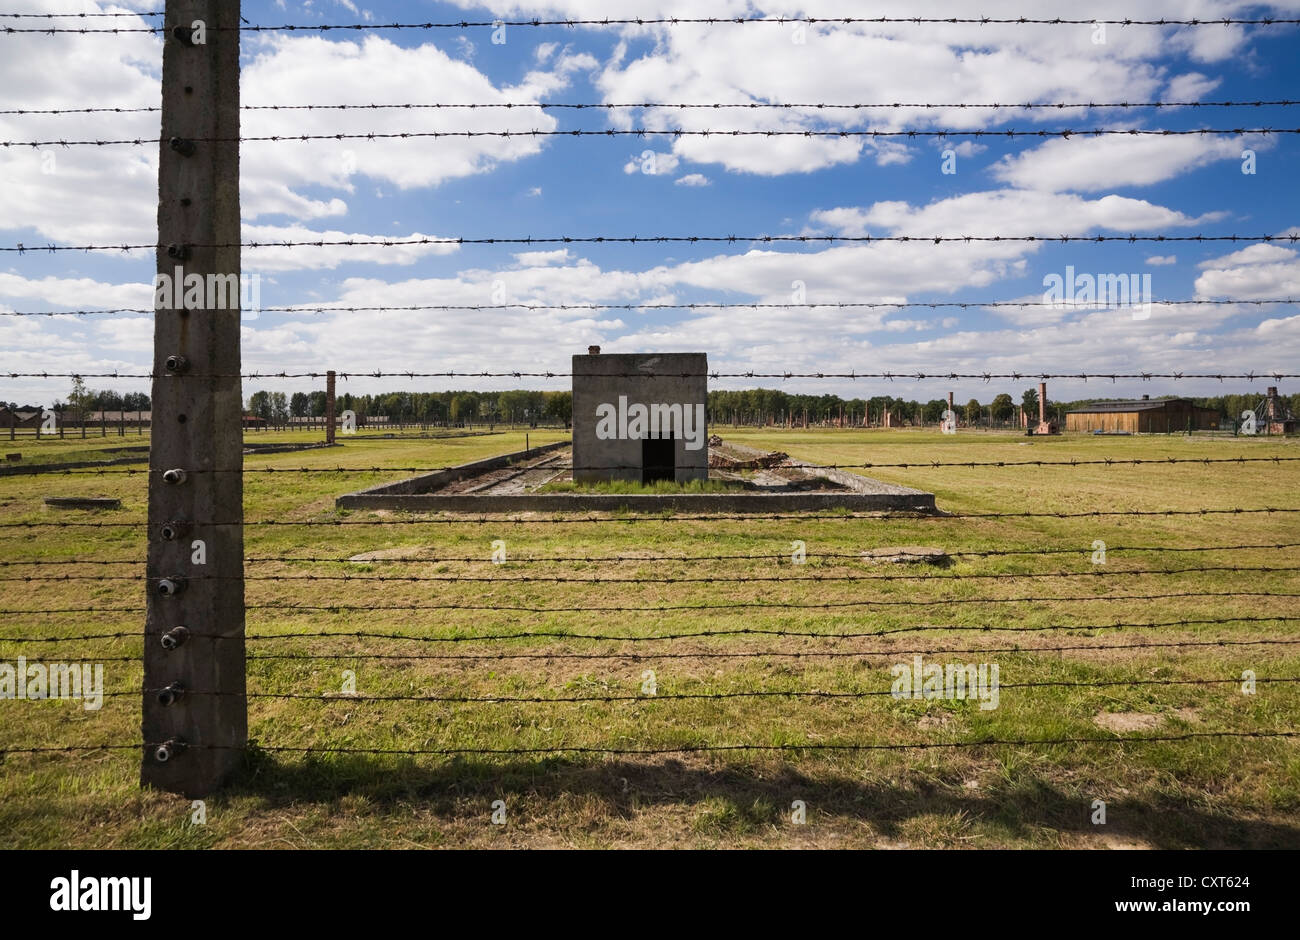 Barb wire electric fence inside the Auschwitz II-Birkenau former Nazi Concentration Camp, Auschwitz-Birkenau, Poland, - Stock Image